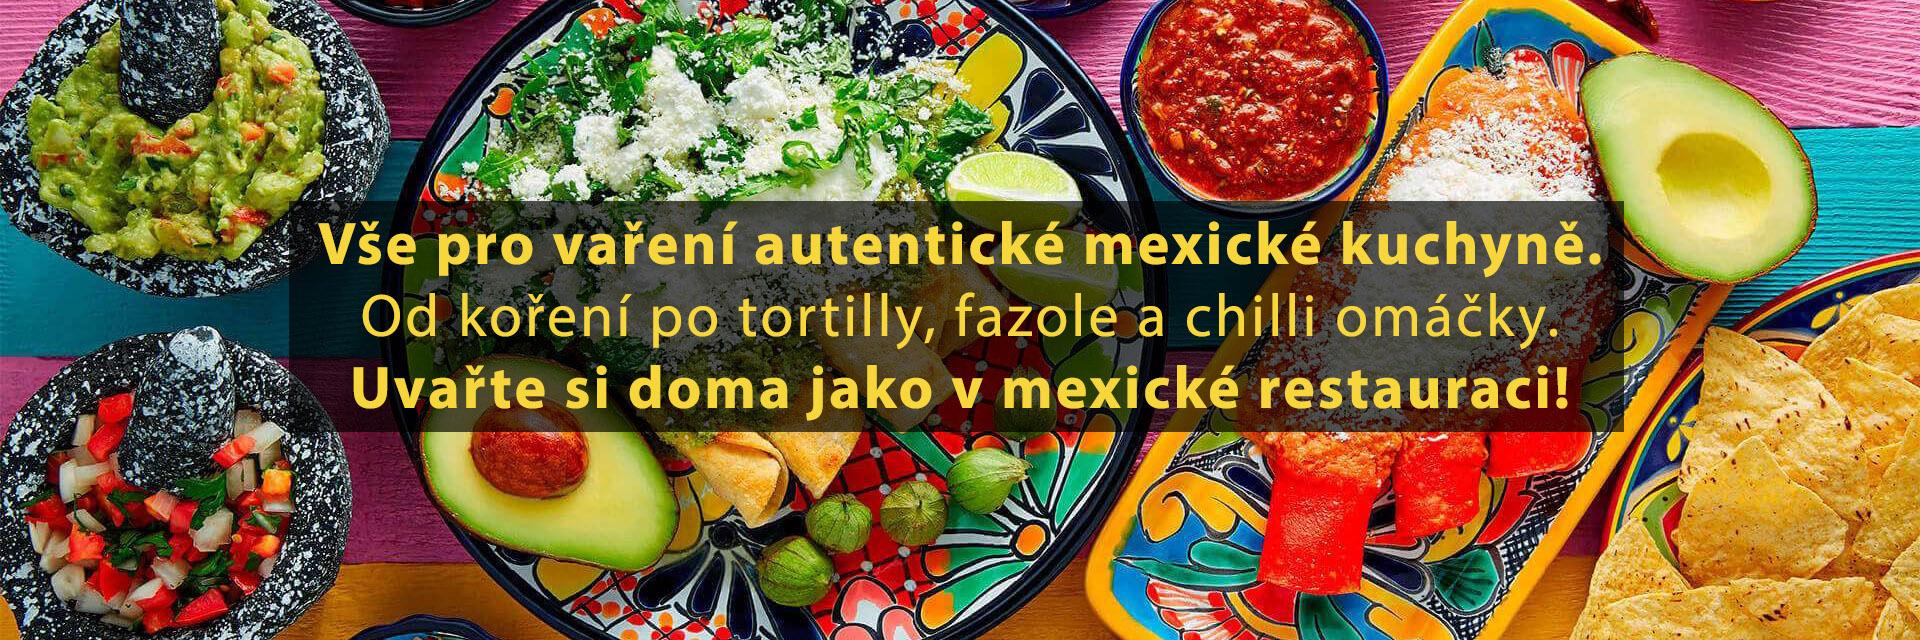 Mexické jídlo Enchiladas